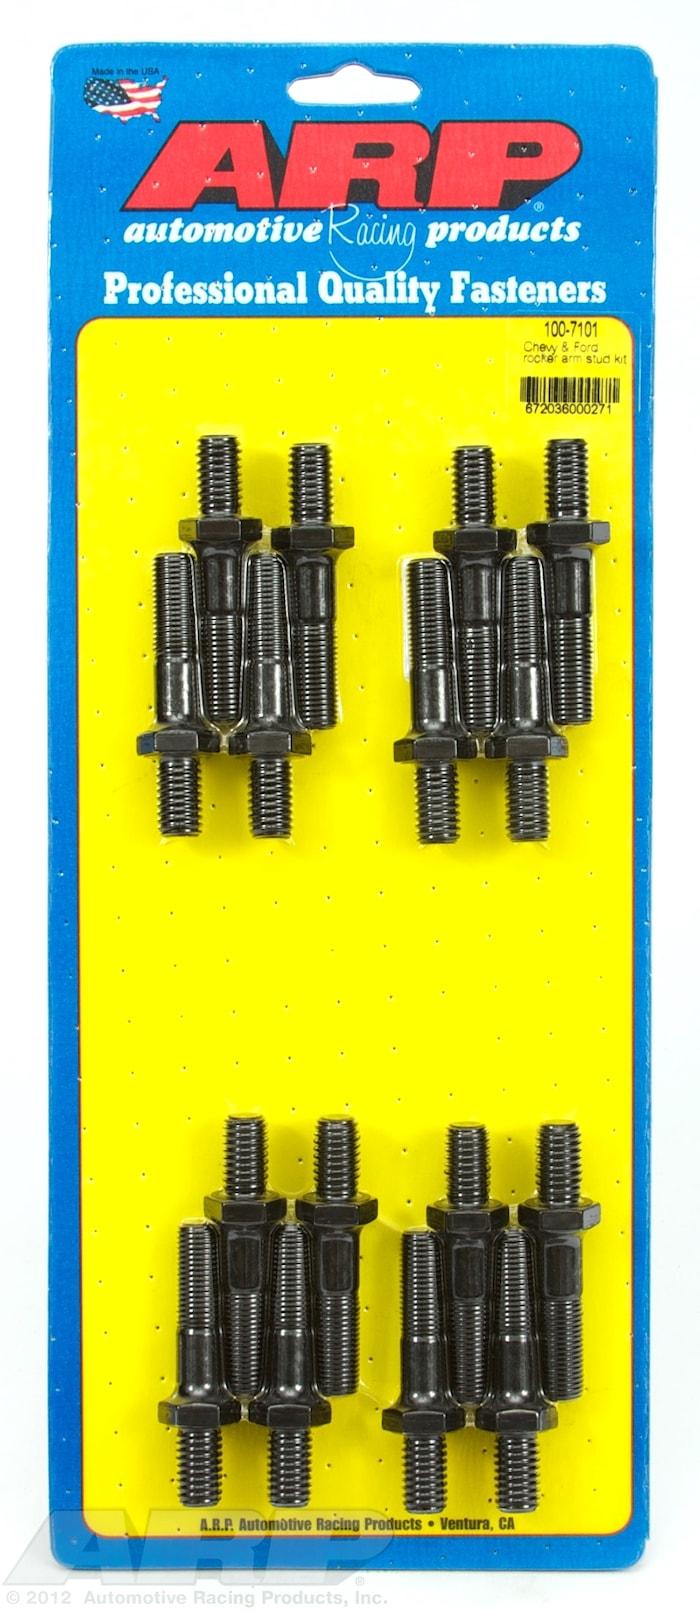 ch & Ford rocker arm stud kit